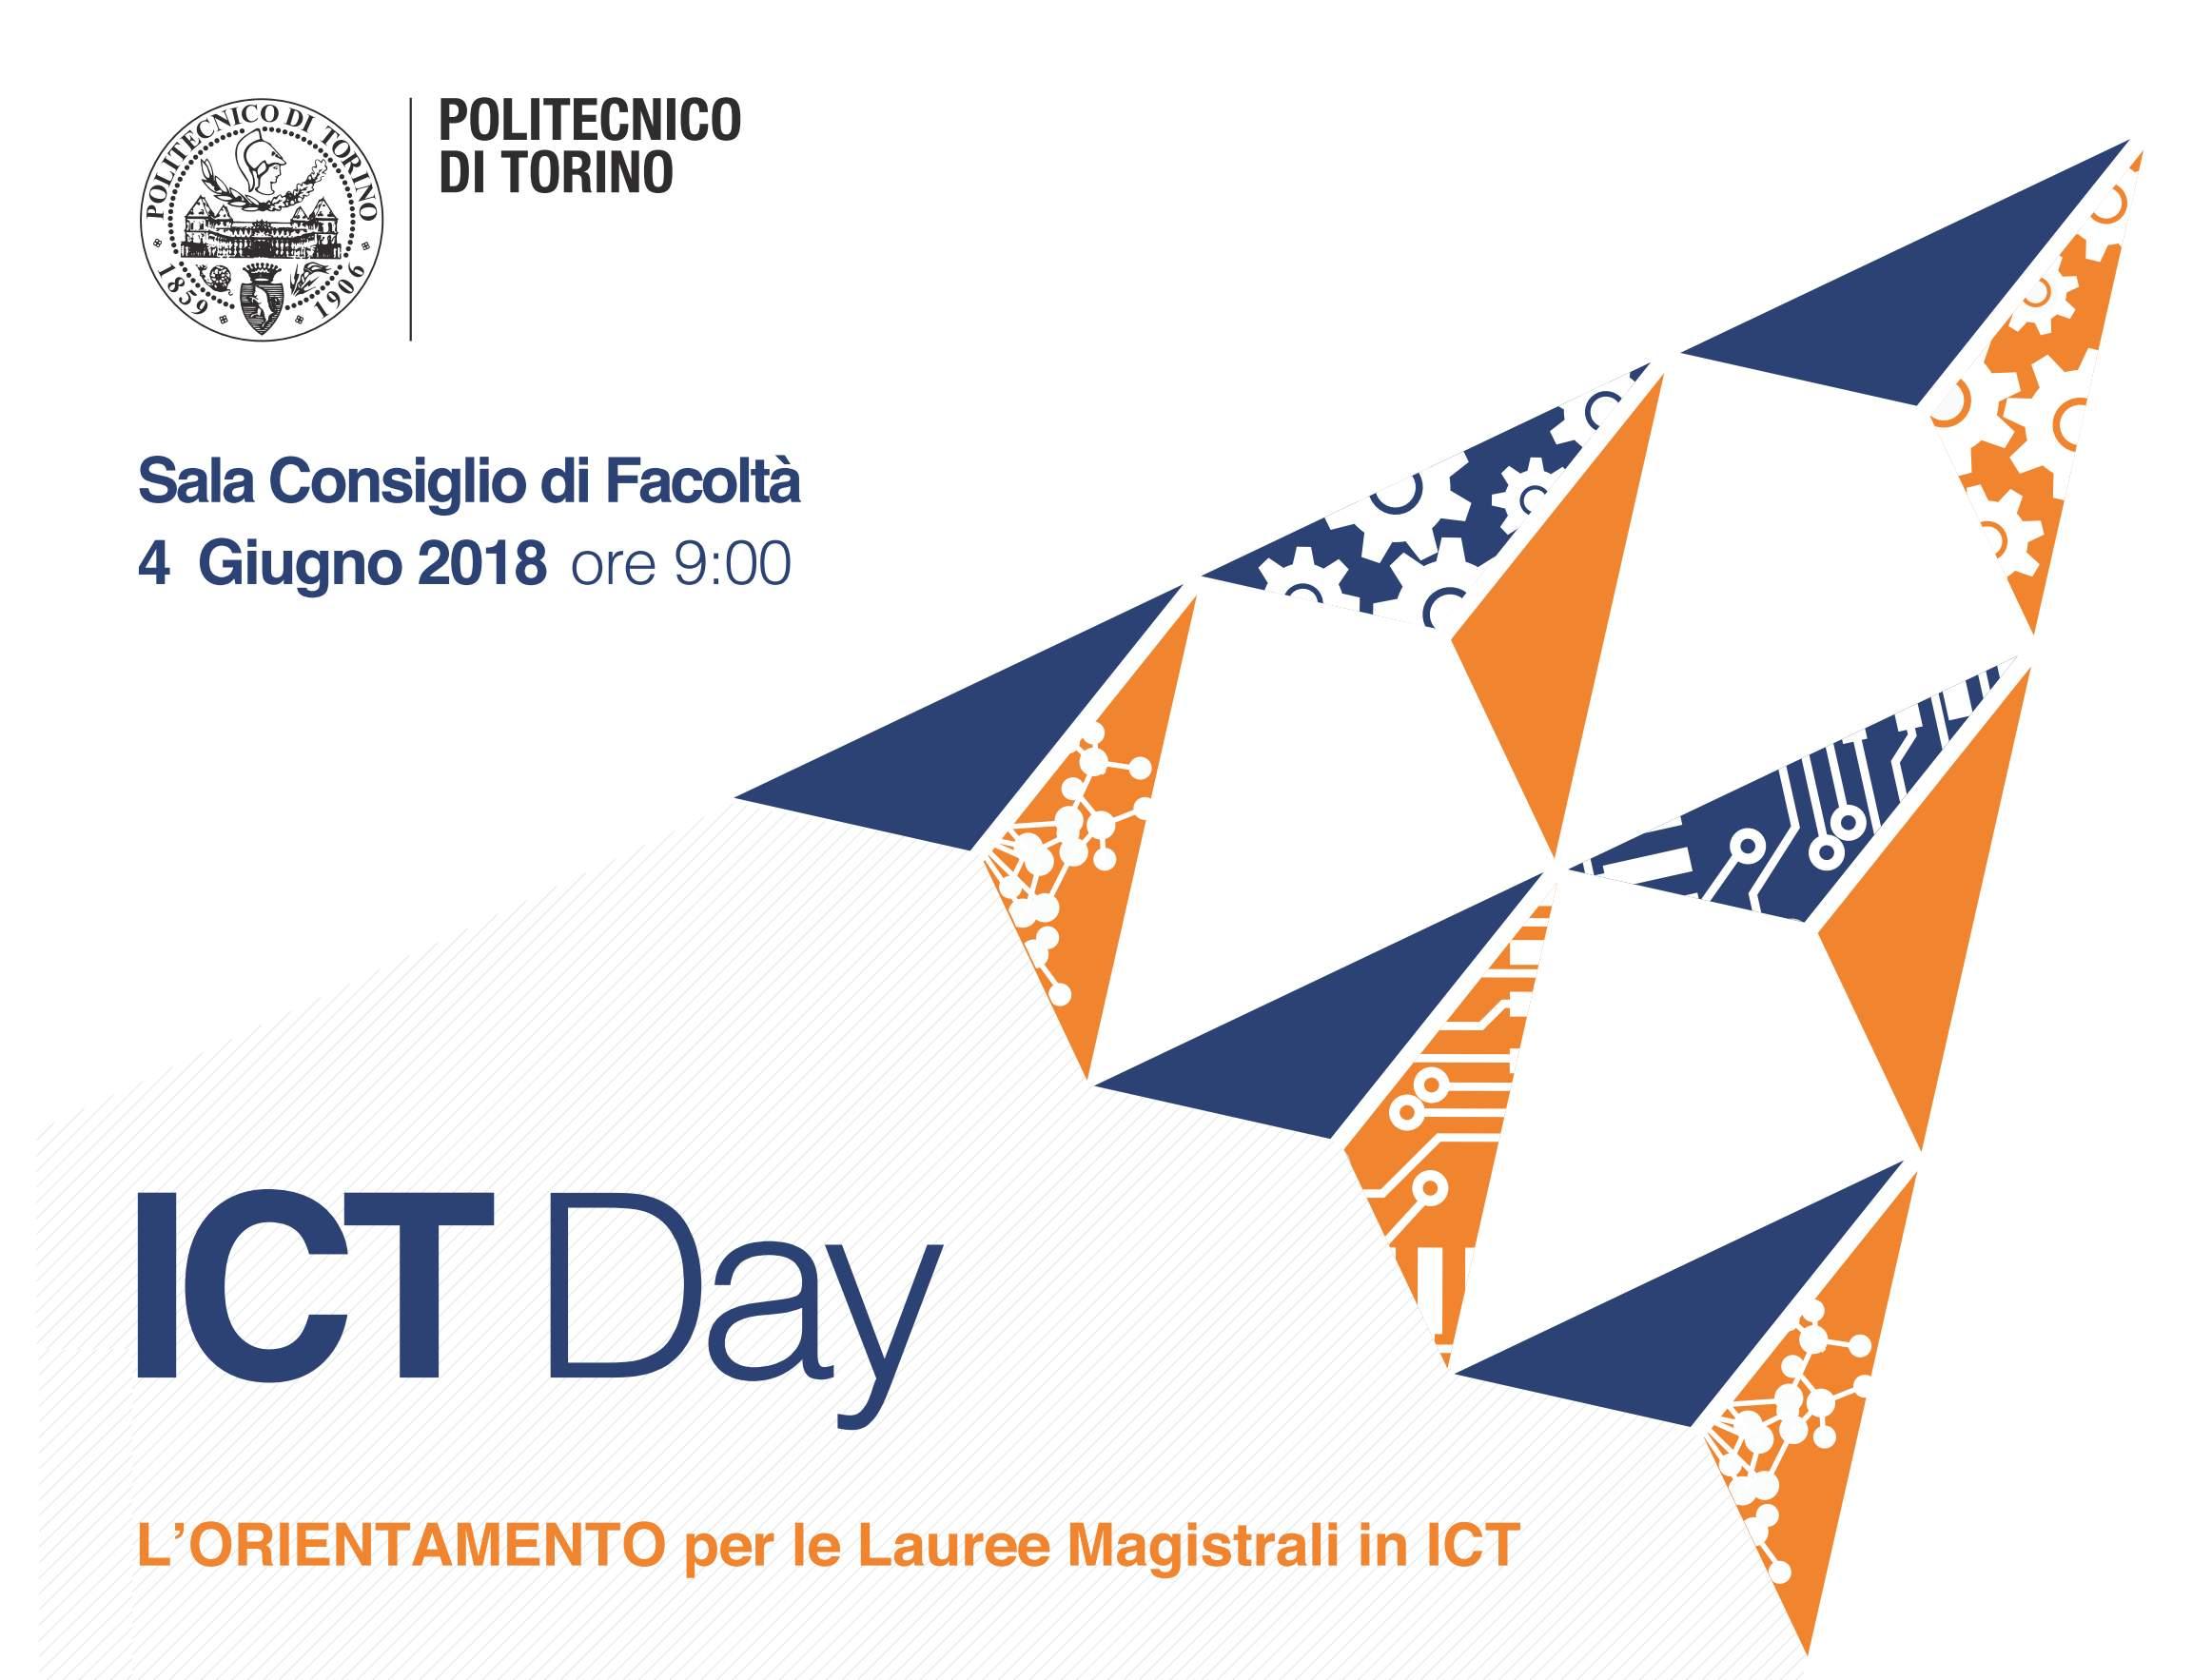 ICT Day 2018